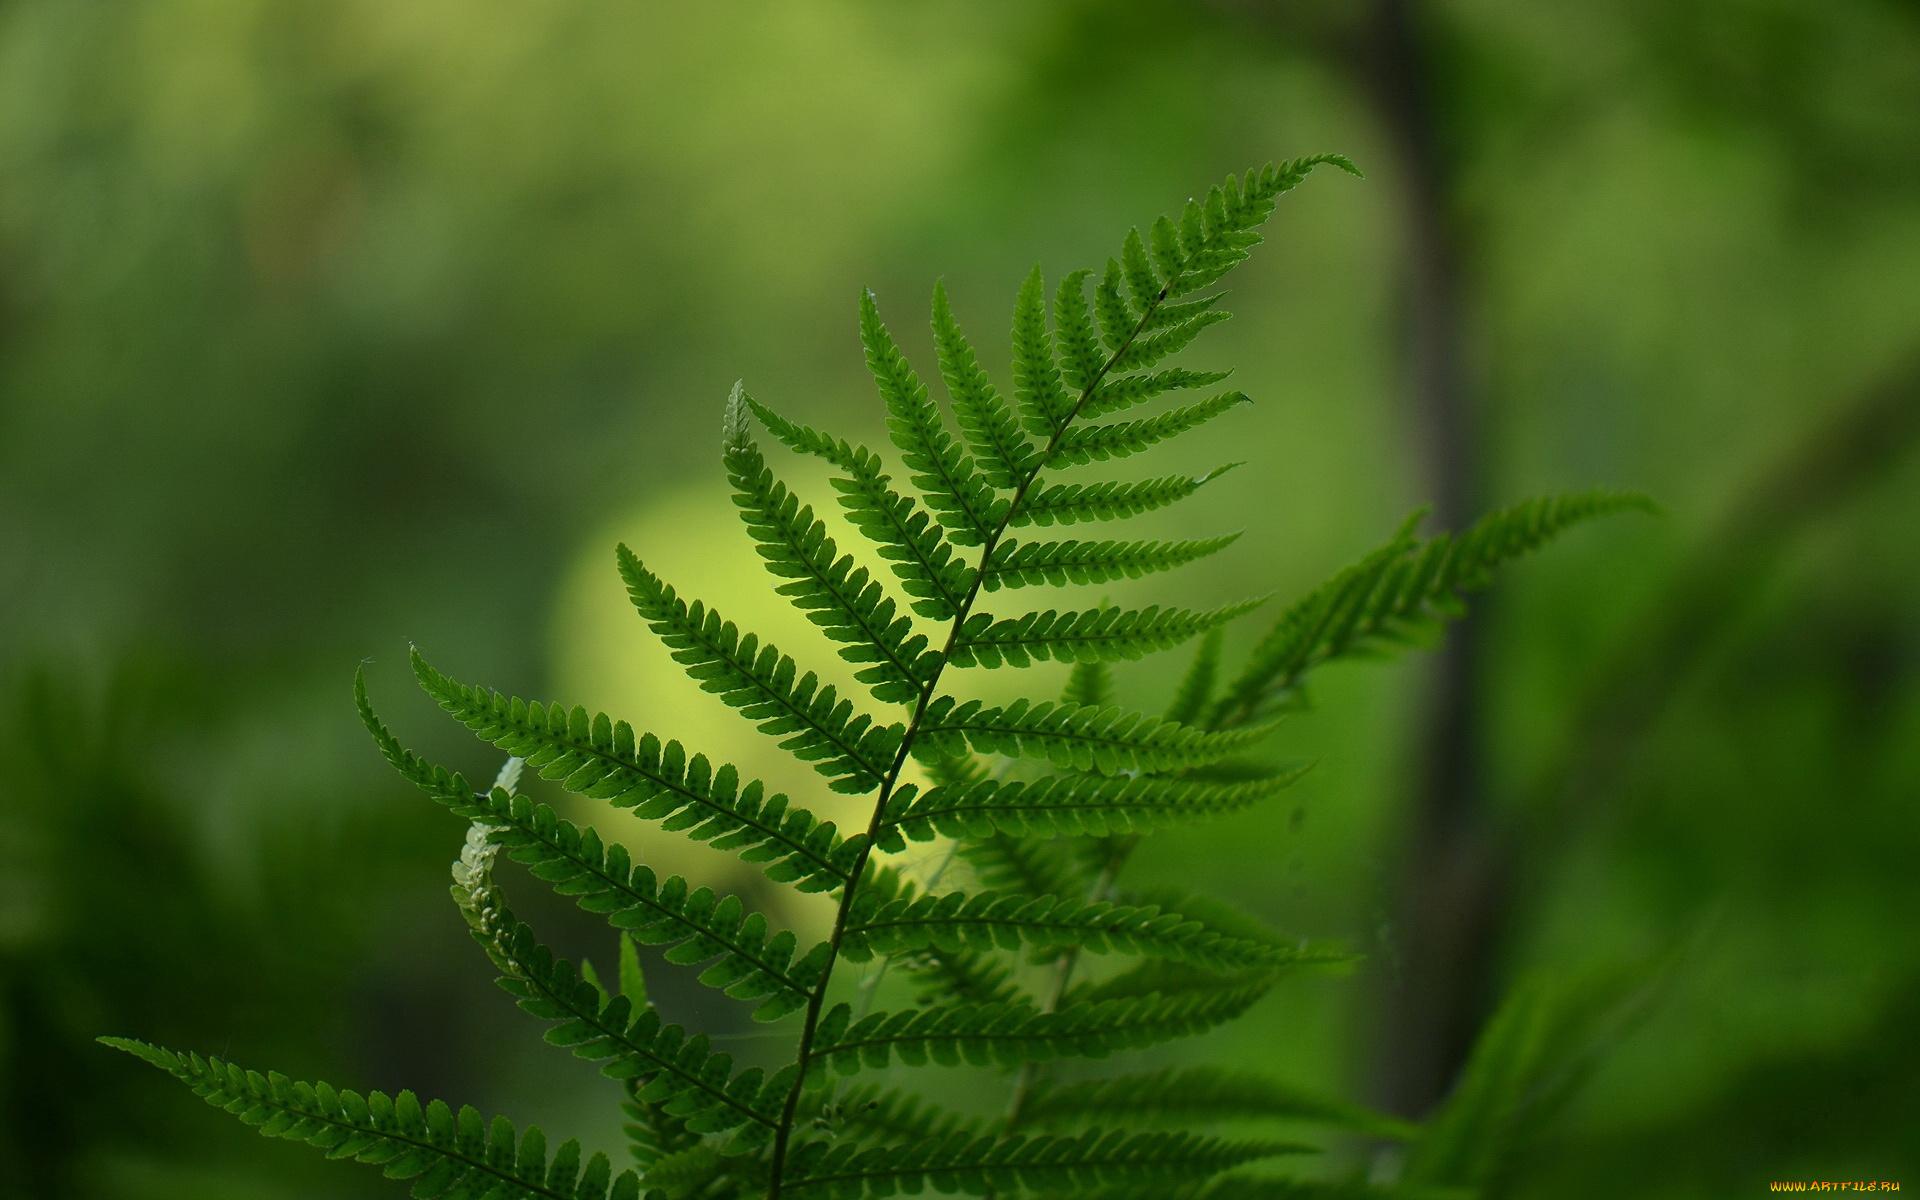 природа Папоротник листья без смс